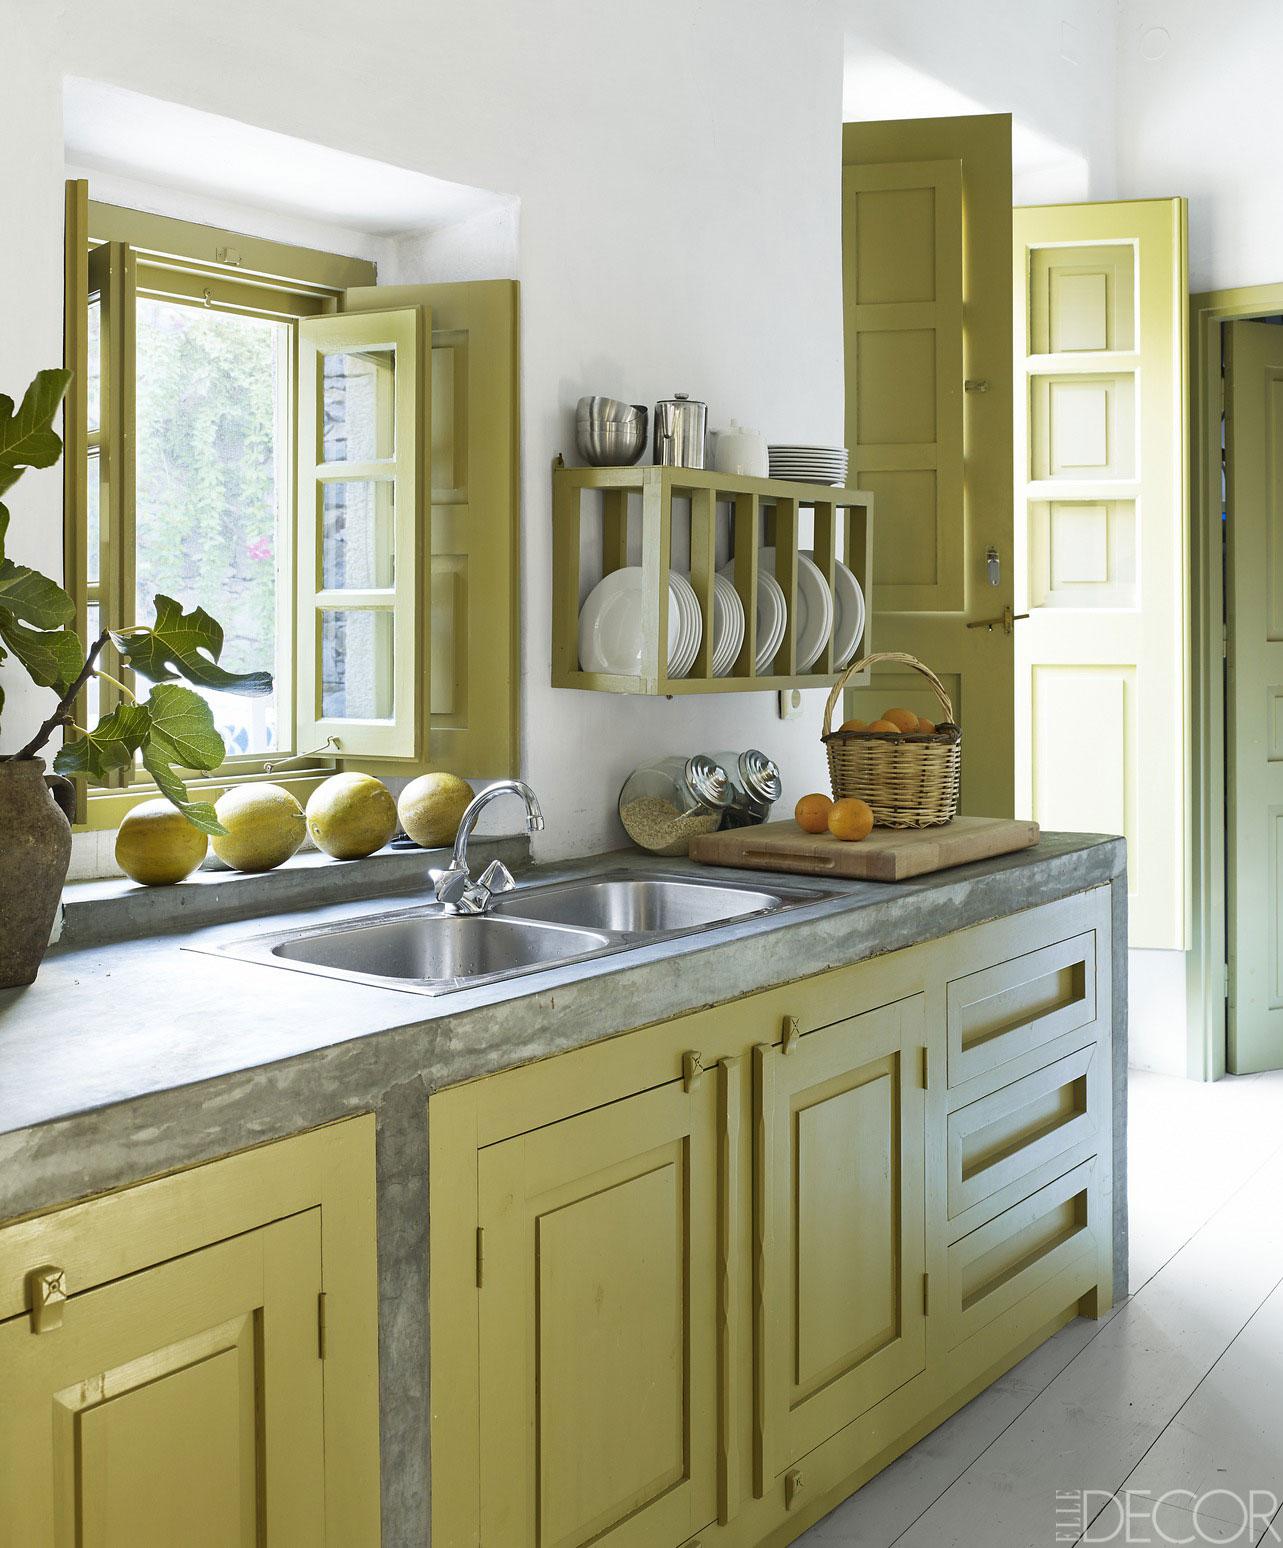 small kitchen ideas 50 small kitchen design ideas - decorating tiny kitchens KUVUKWX